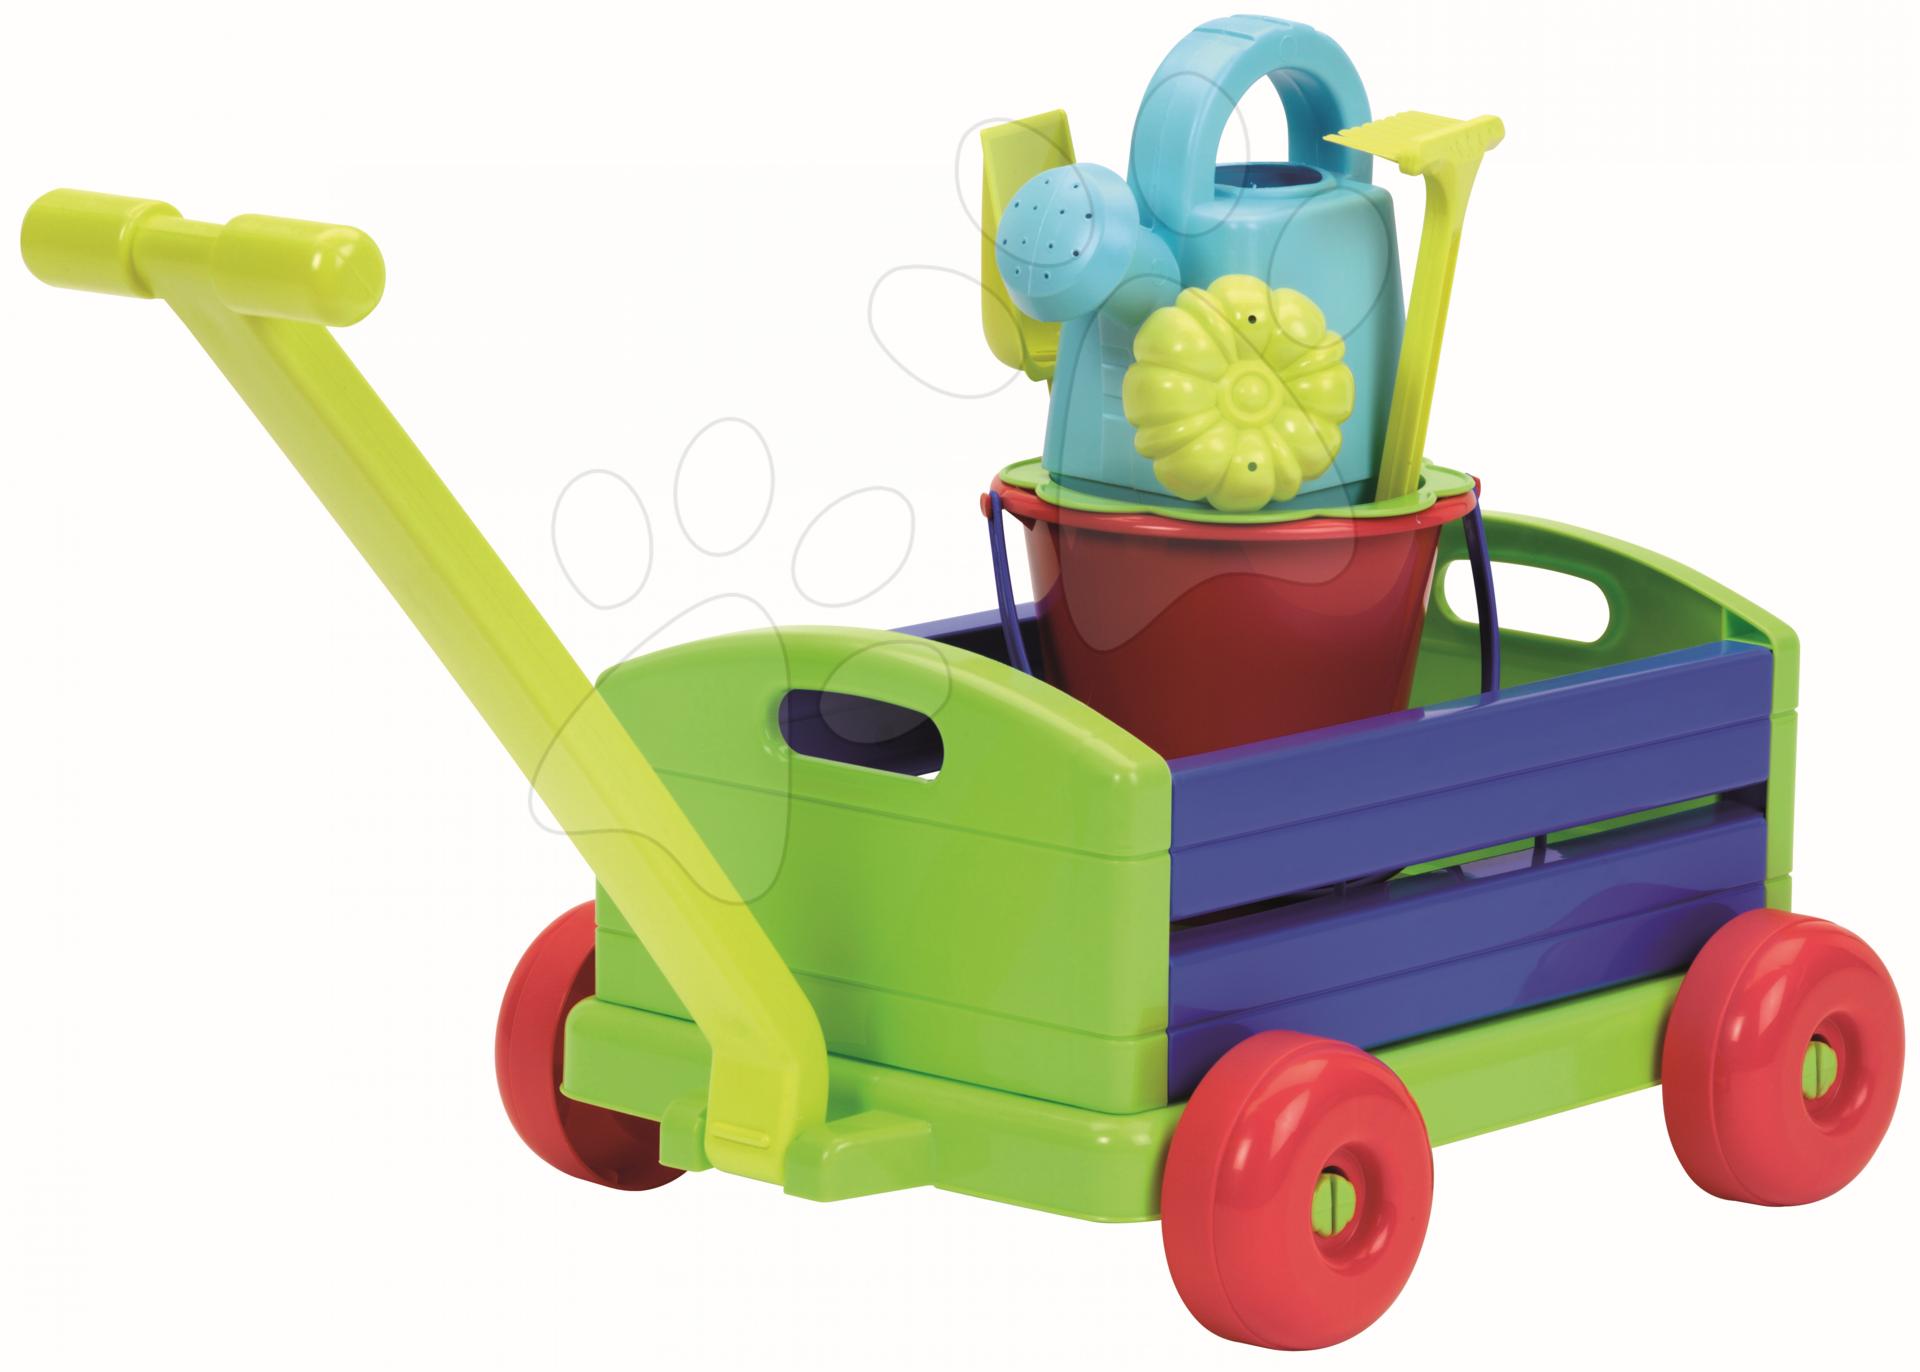 Vozík s kbelík setem Écoiffier modro-zelený 6 dílů od 18 měsíců